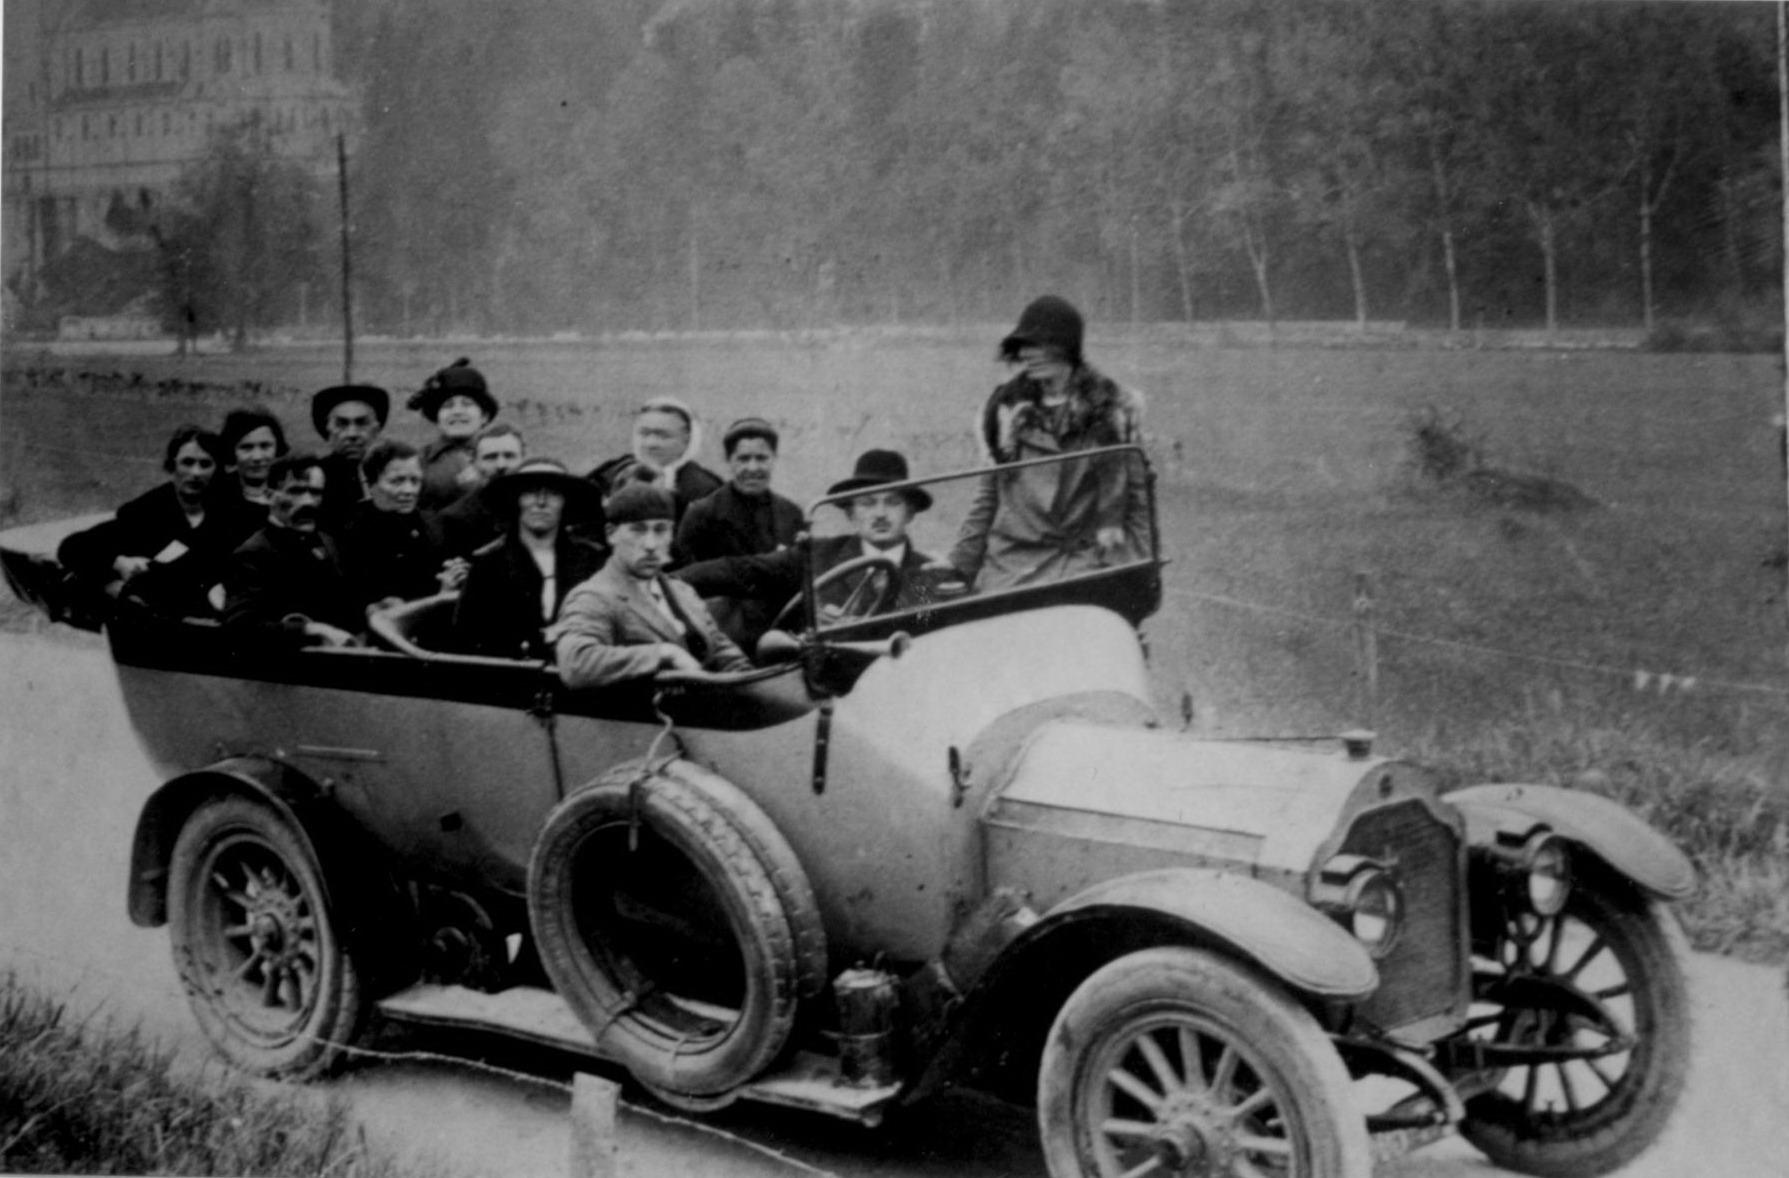 Véhicule de transport collectif, au milieu des années 1920